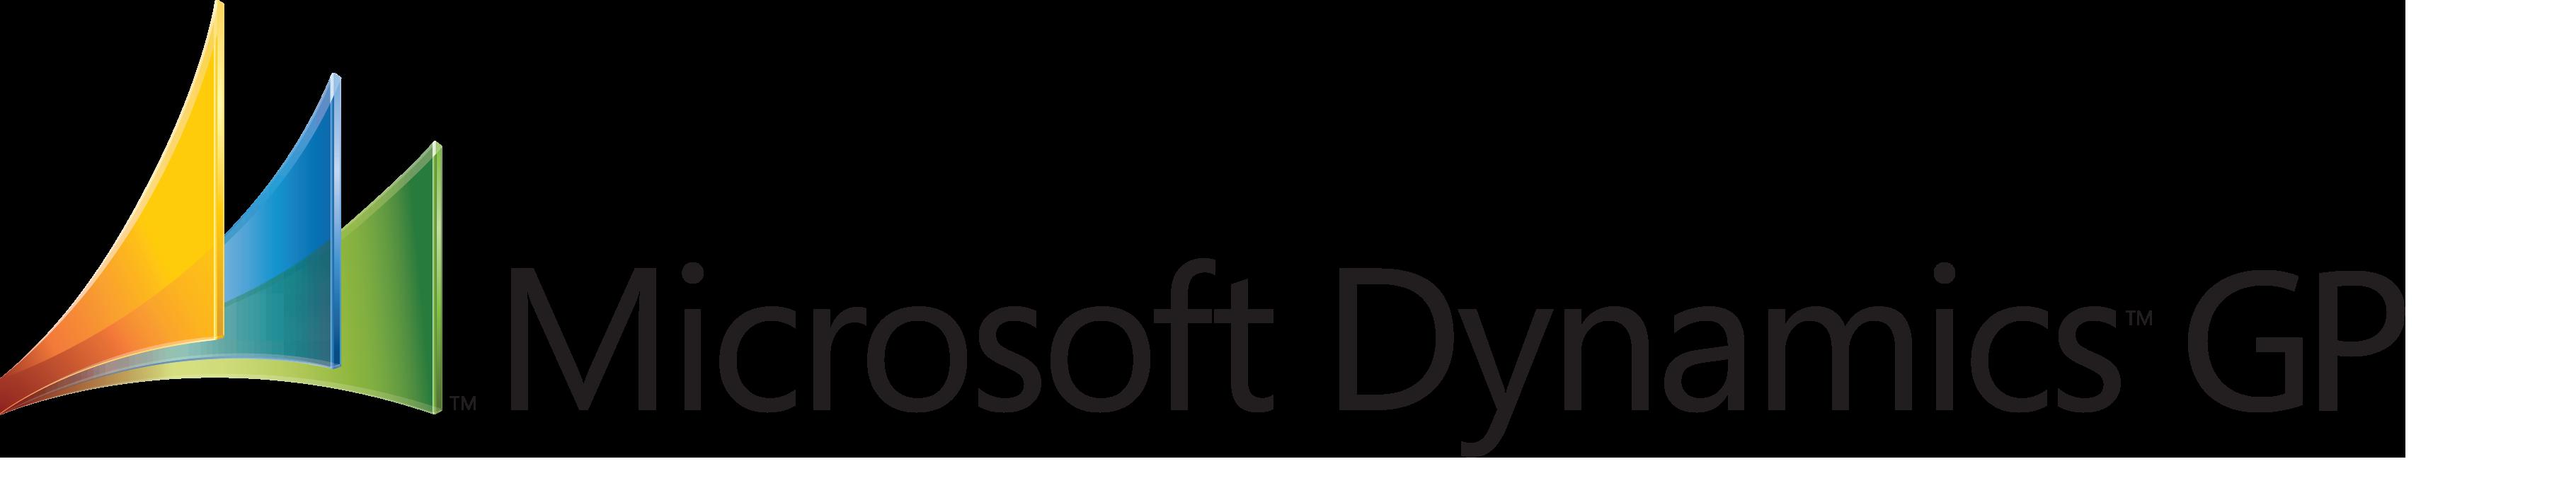 Microsoft Dynamics GP Review